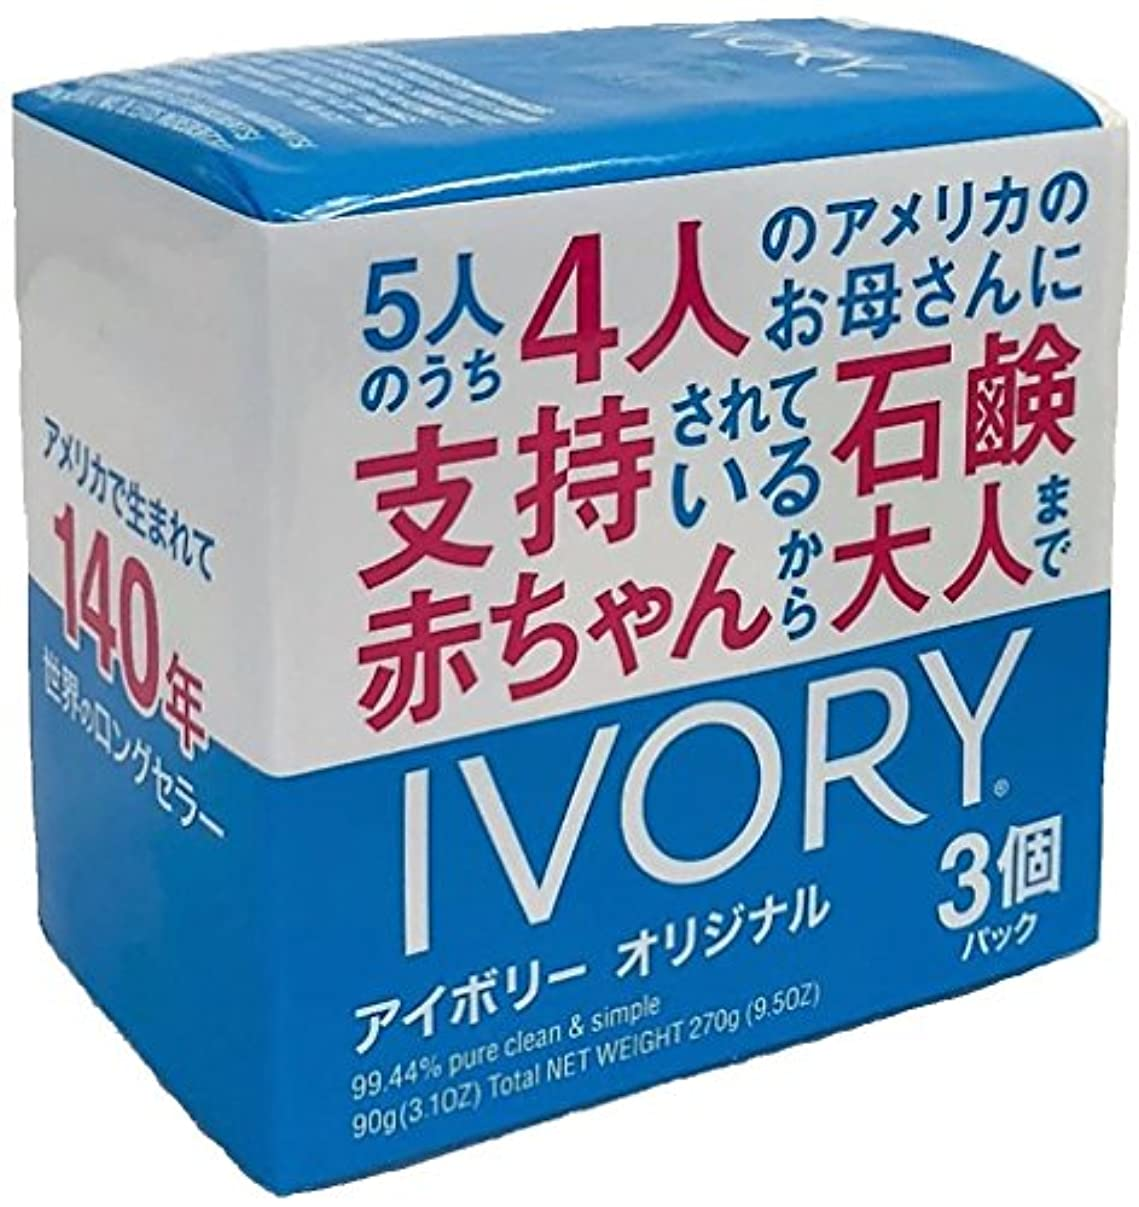 バスルーム曲扇動IVORY (アイボリー) ソープ オリジナル 3個バンドル